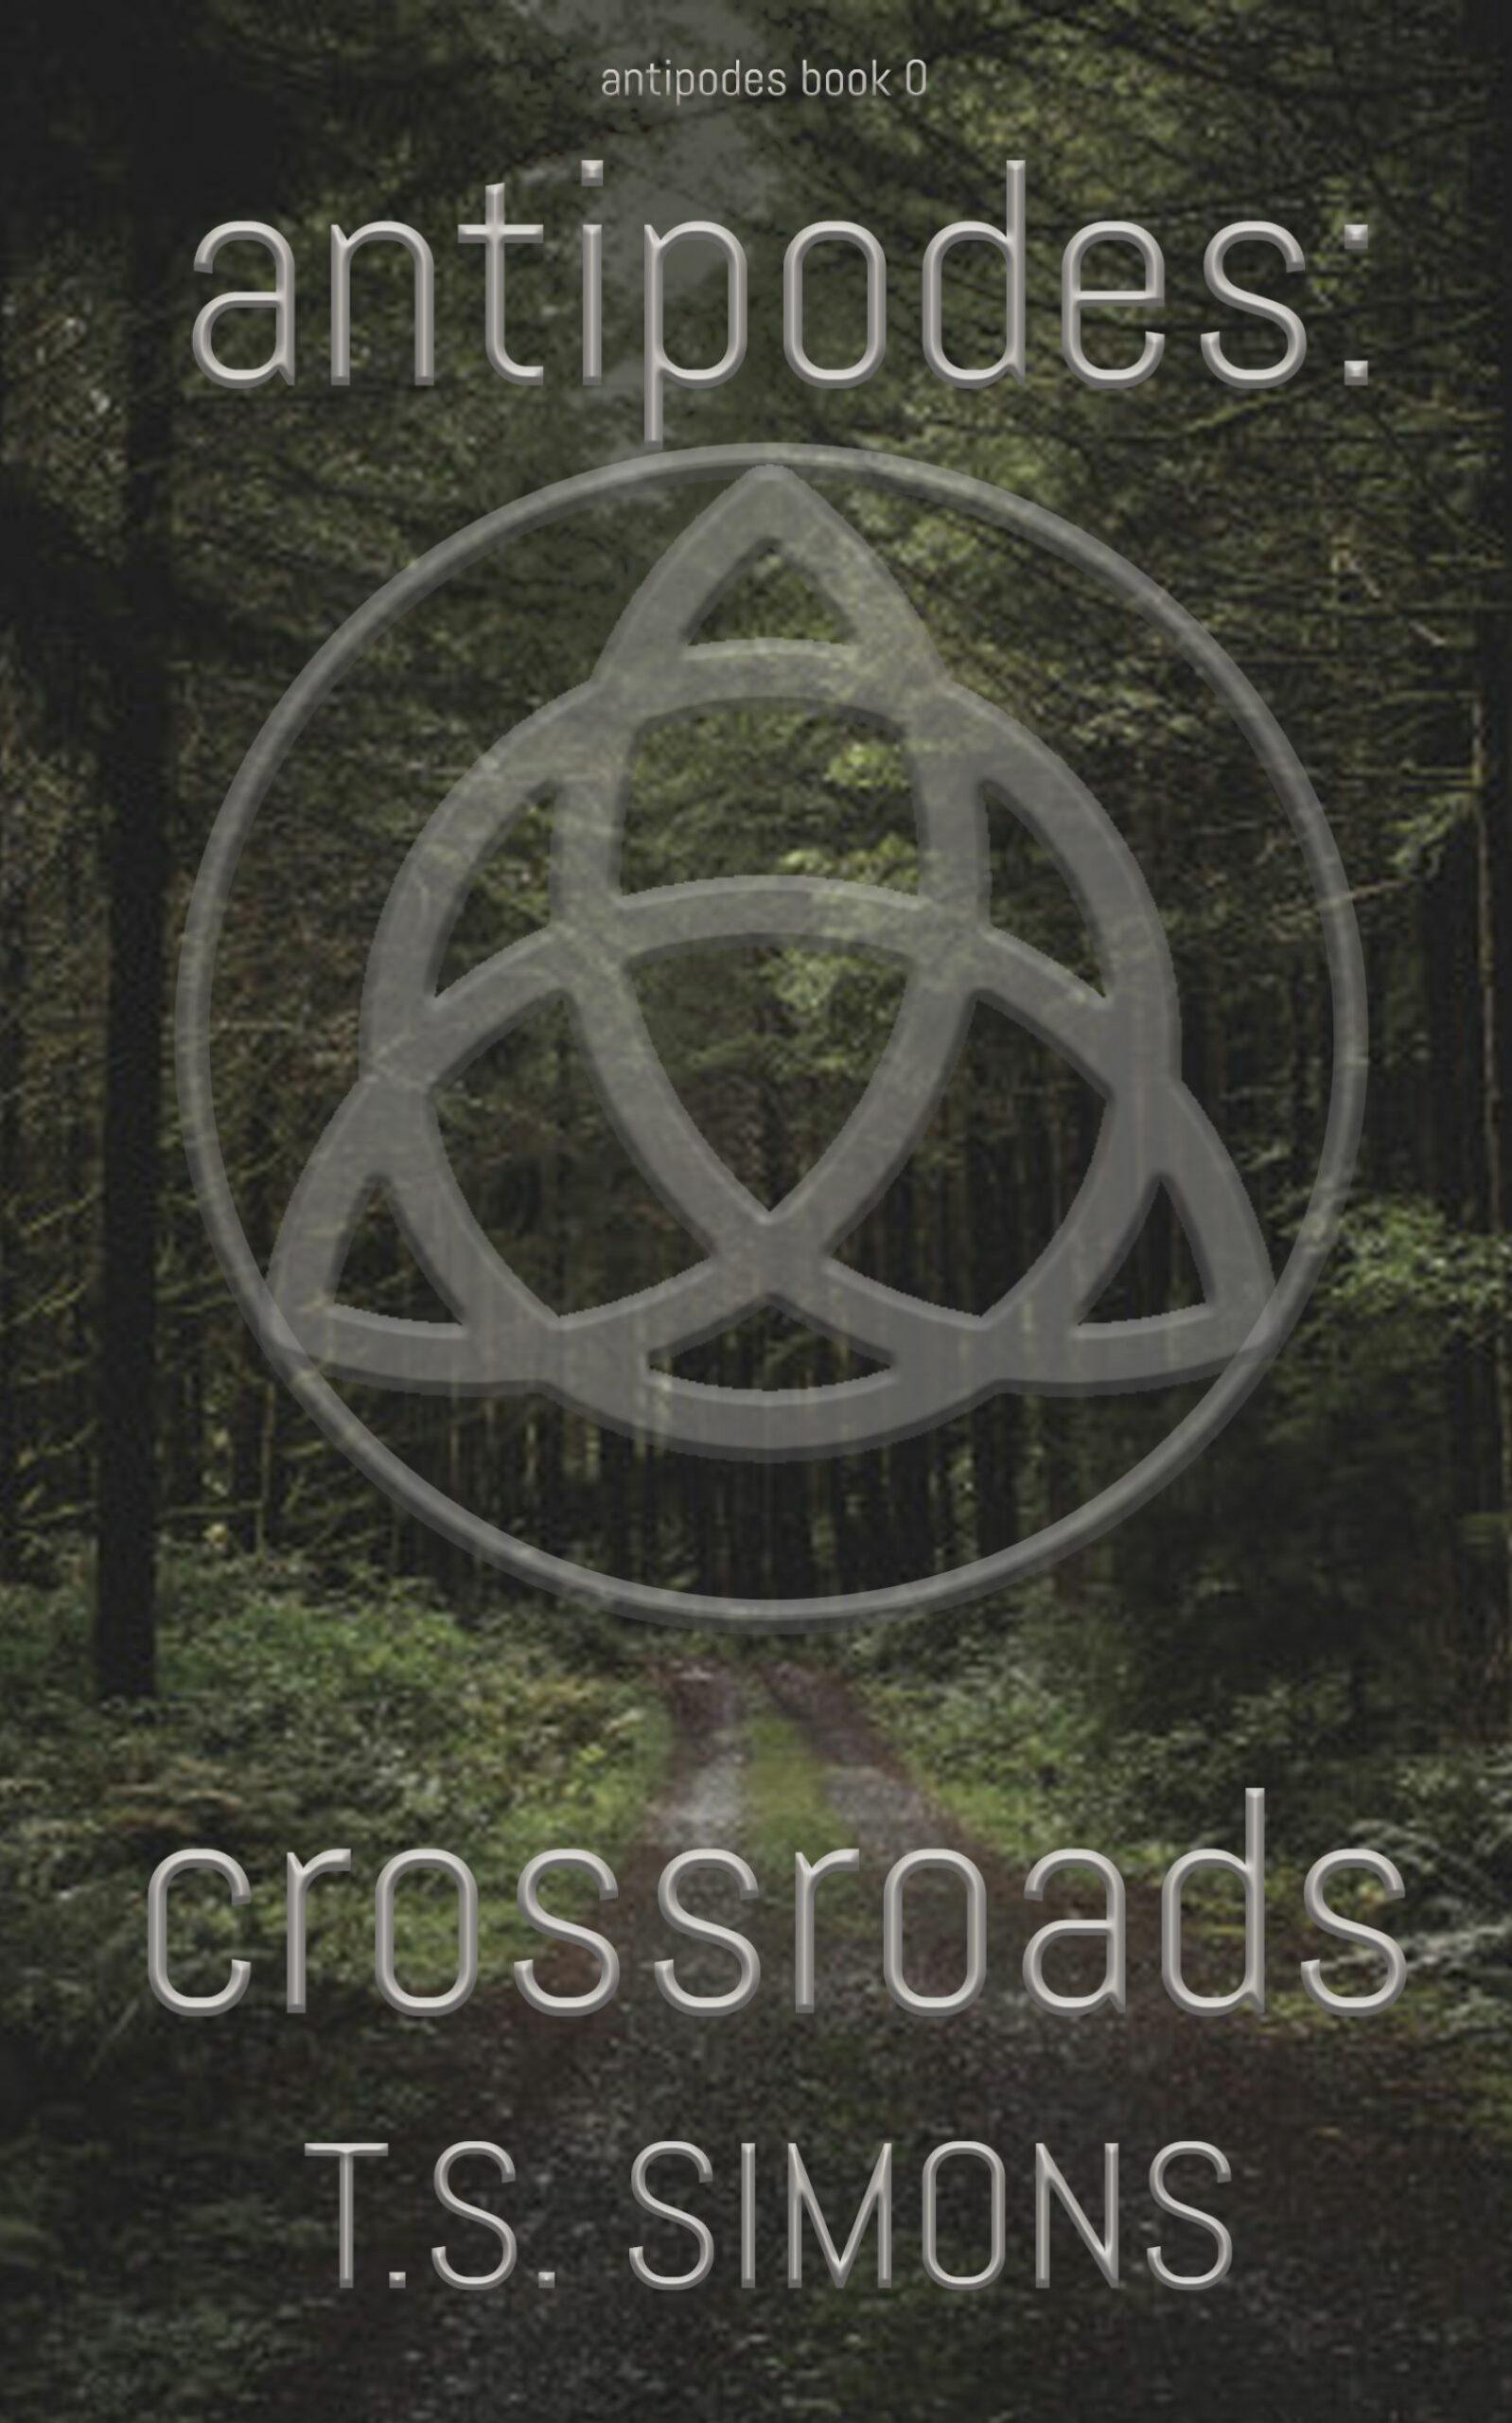 Crossroads-cover-resized.jpg